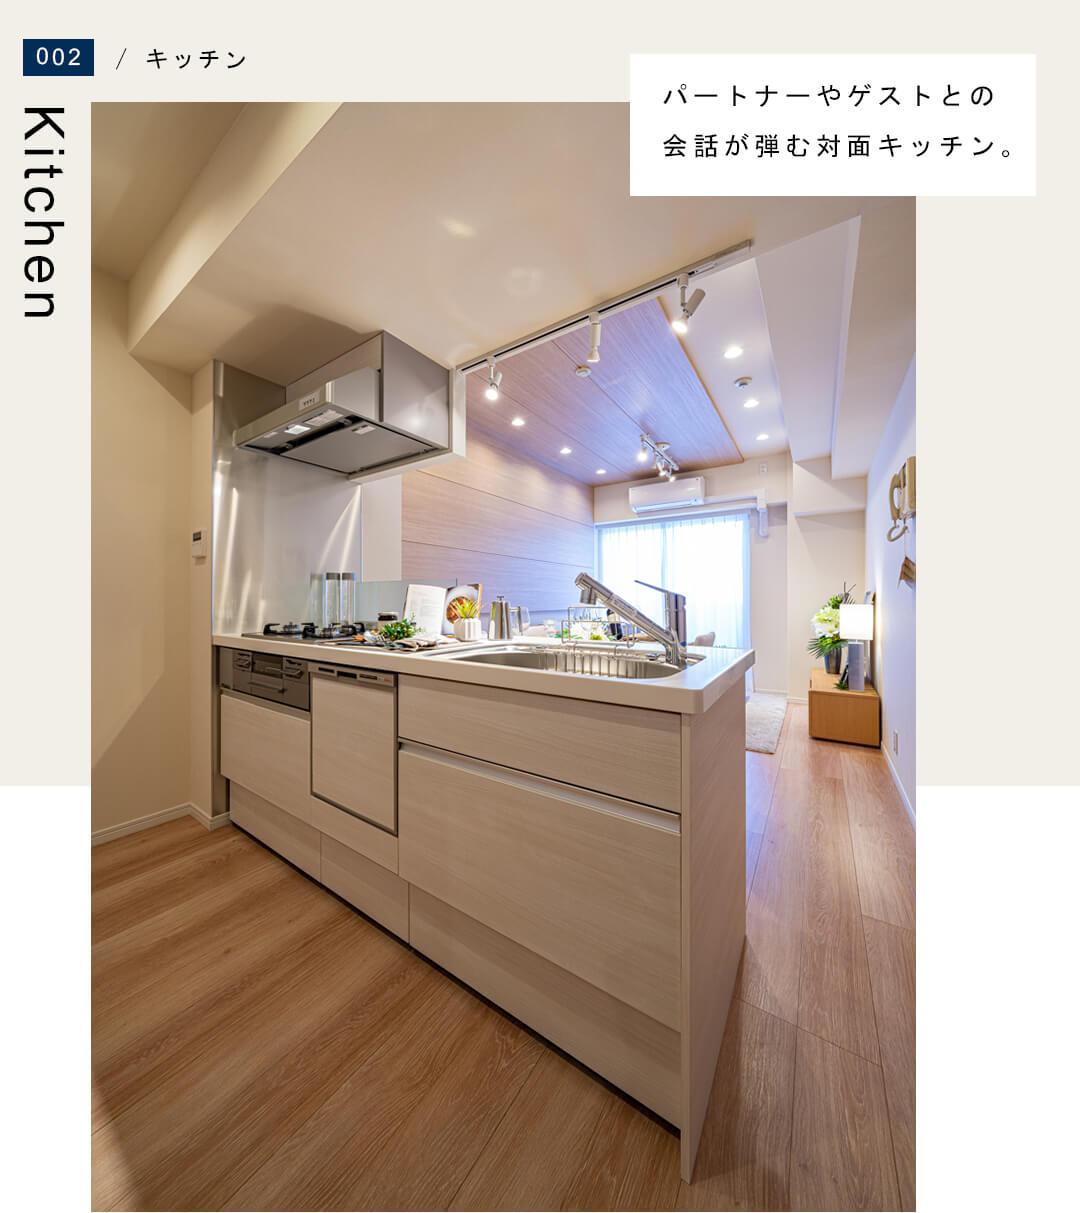 デュオ・スカーラ阿佐ヶ谷Ⅱのキッチン